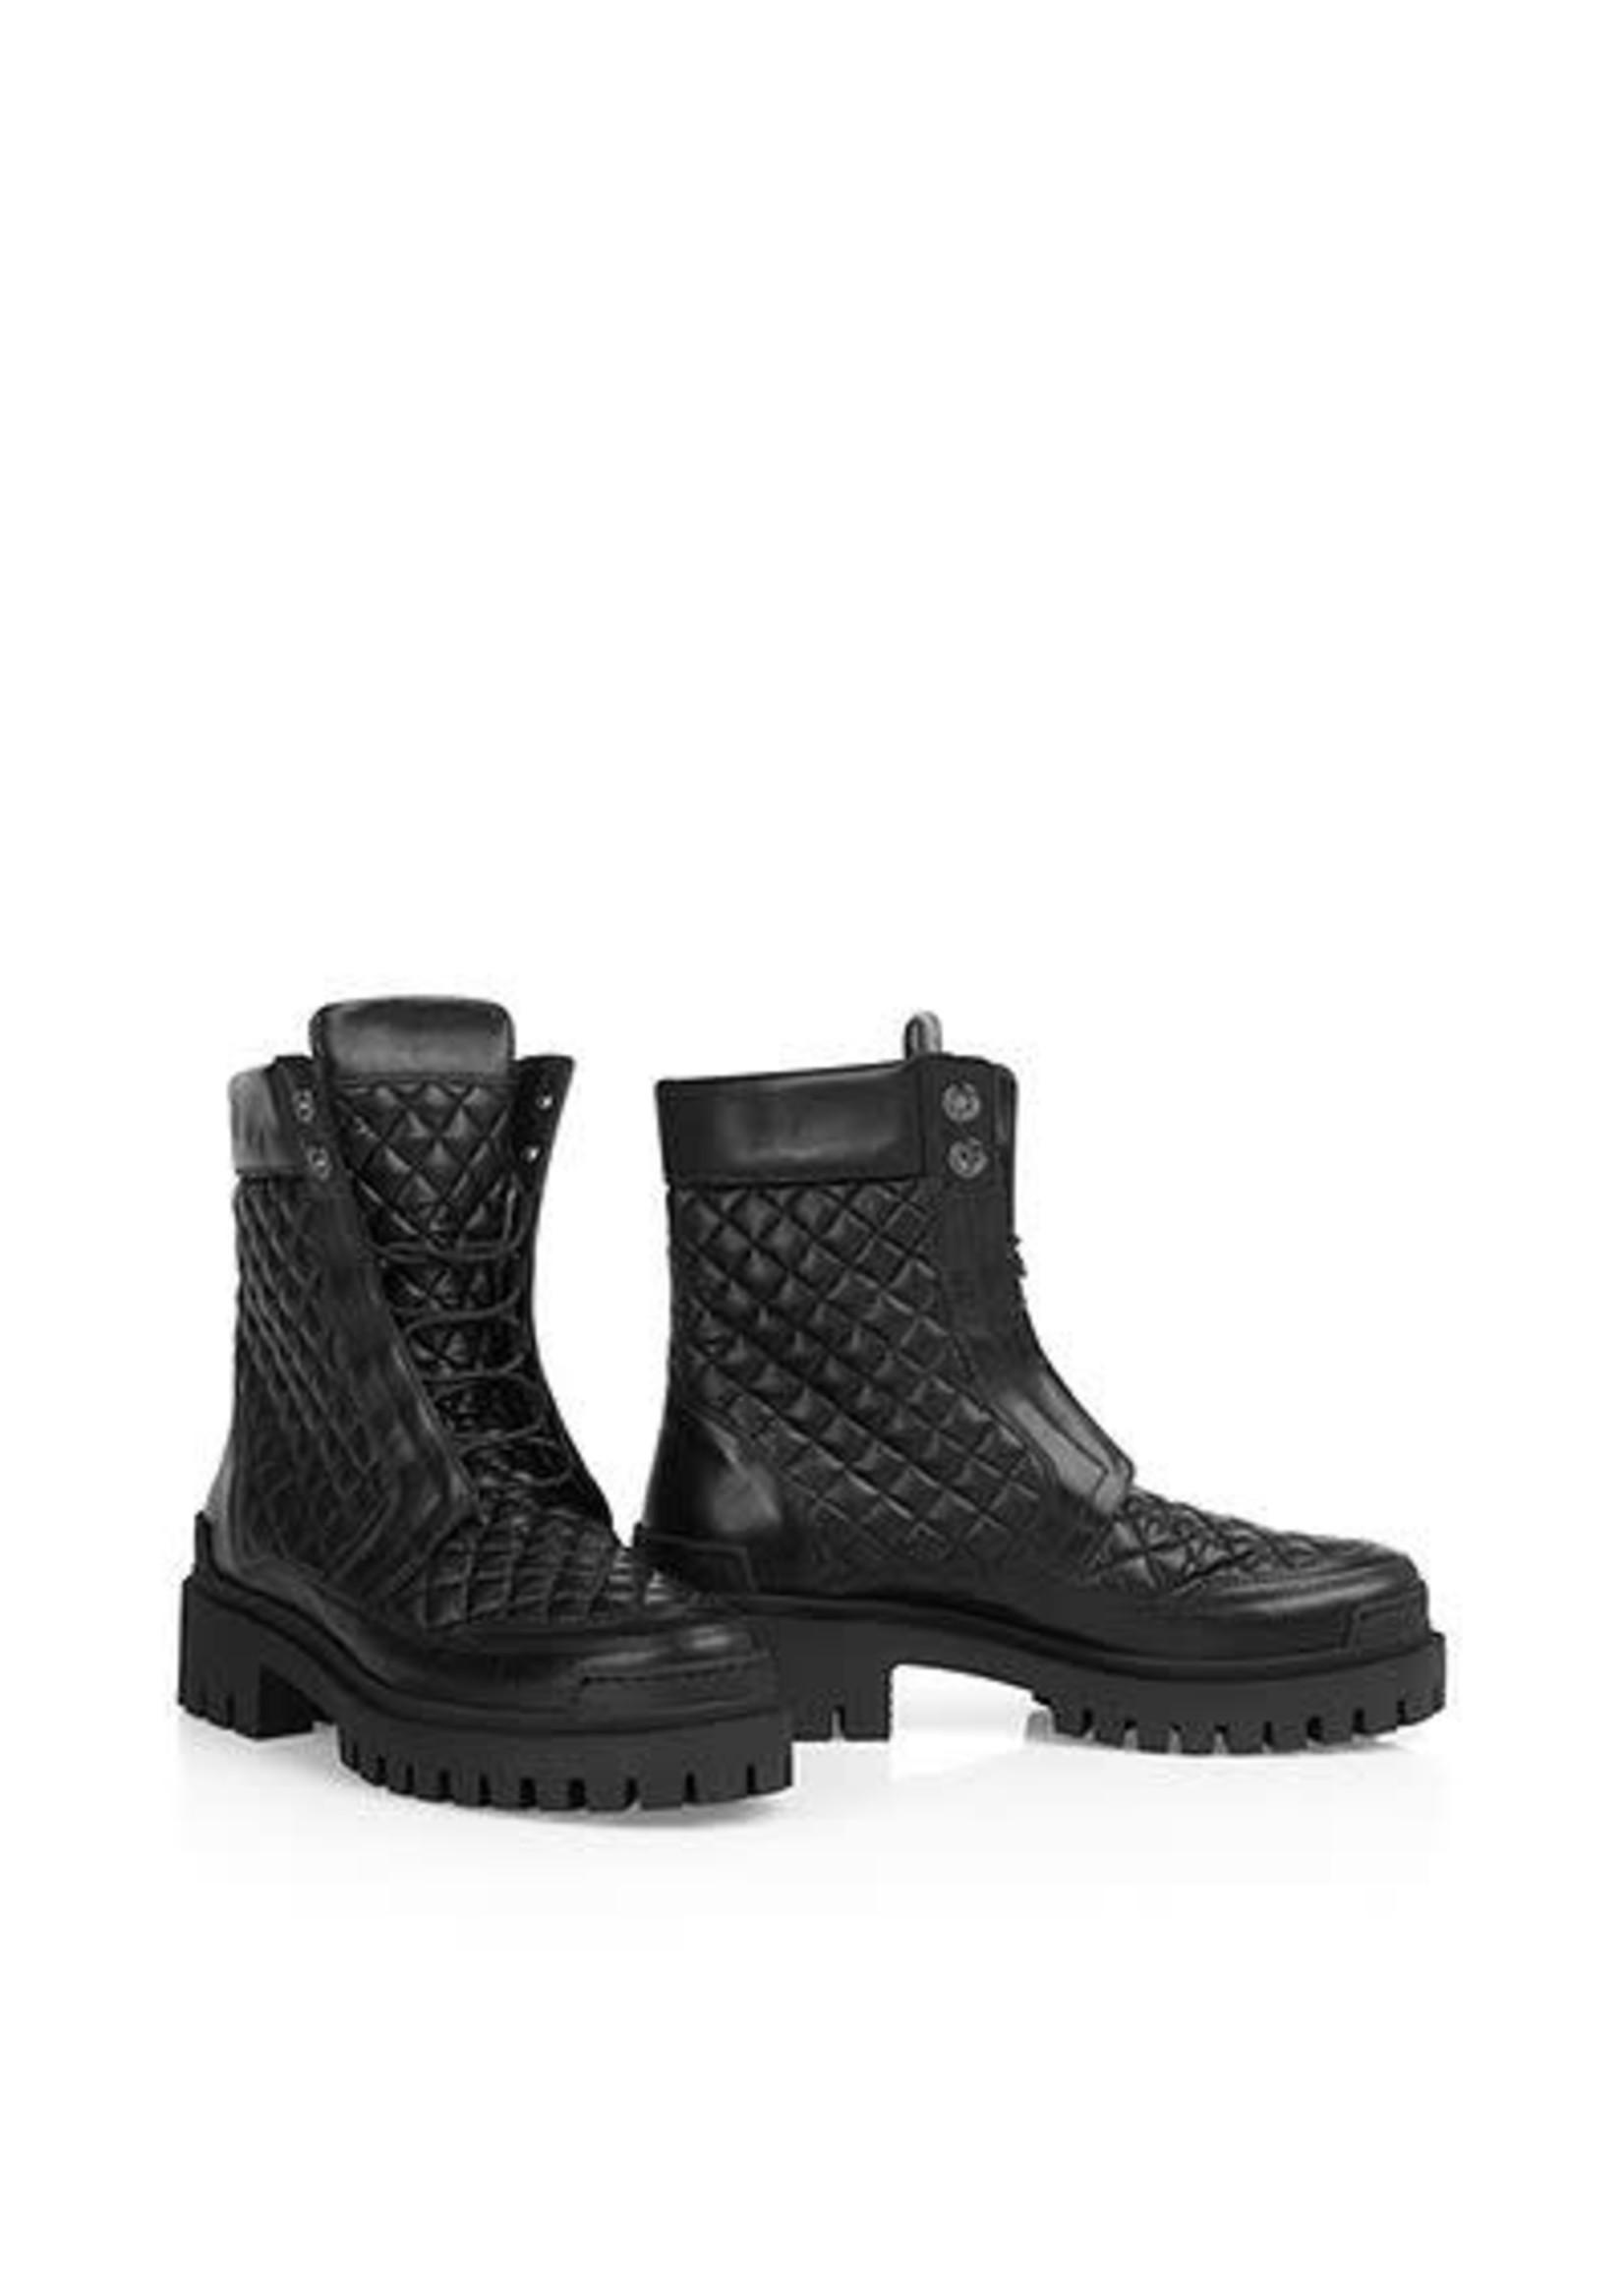 Marccain Bags & Shoes Enkel Laars RB SB.19 L03 black